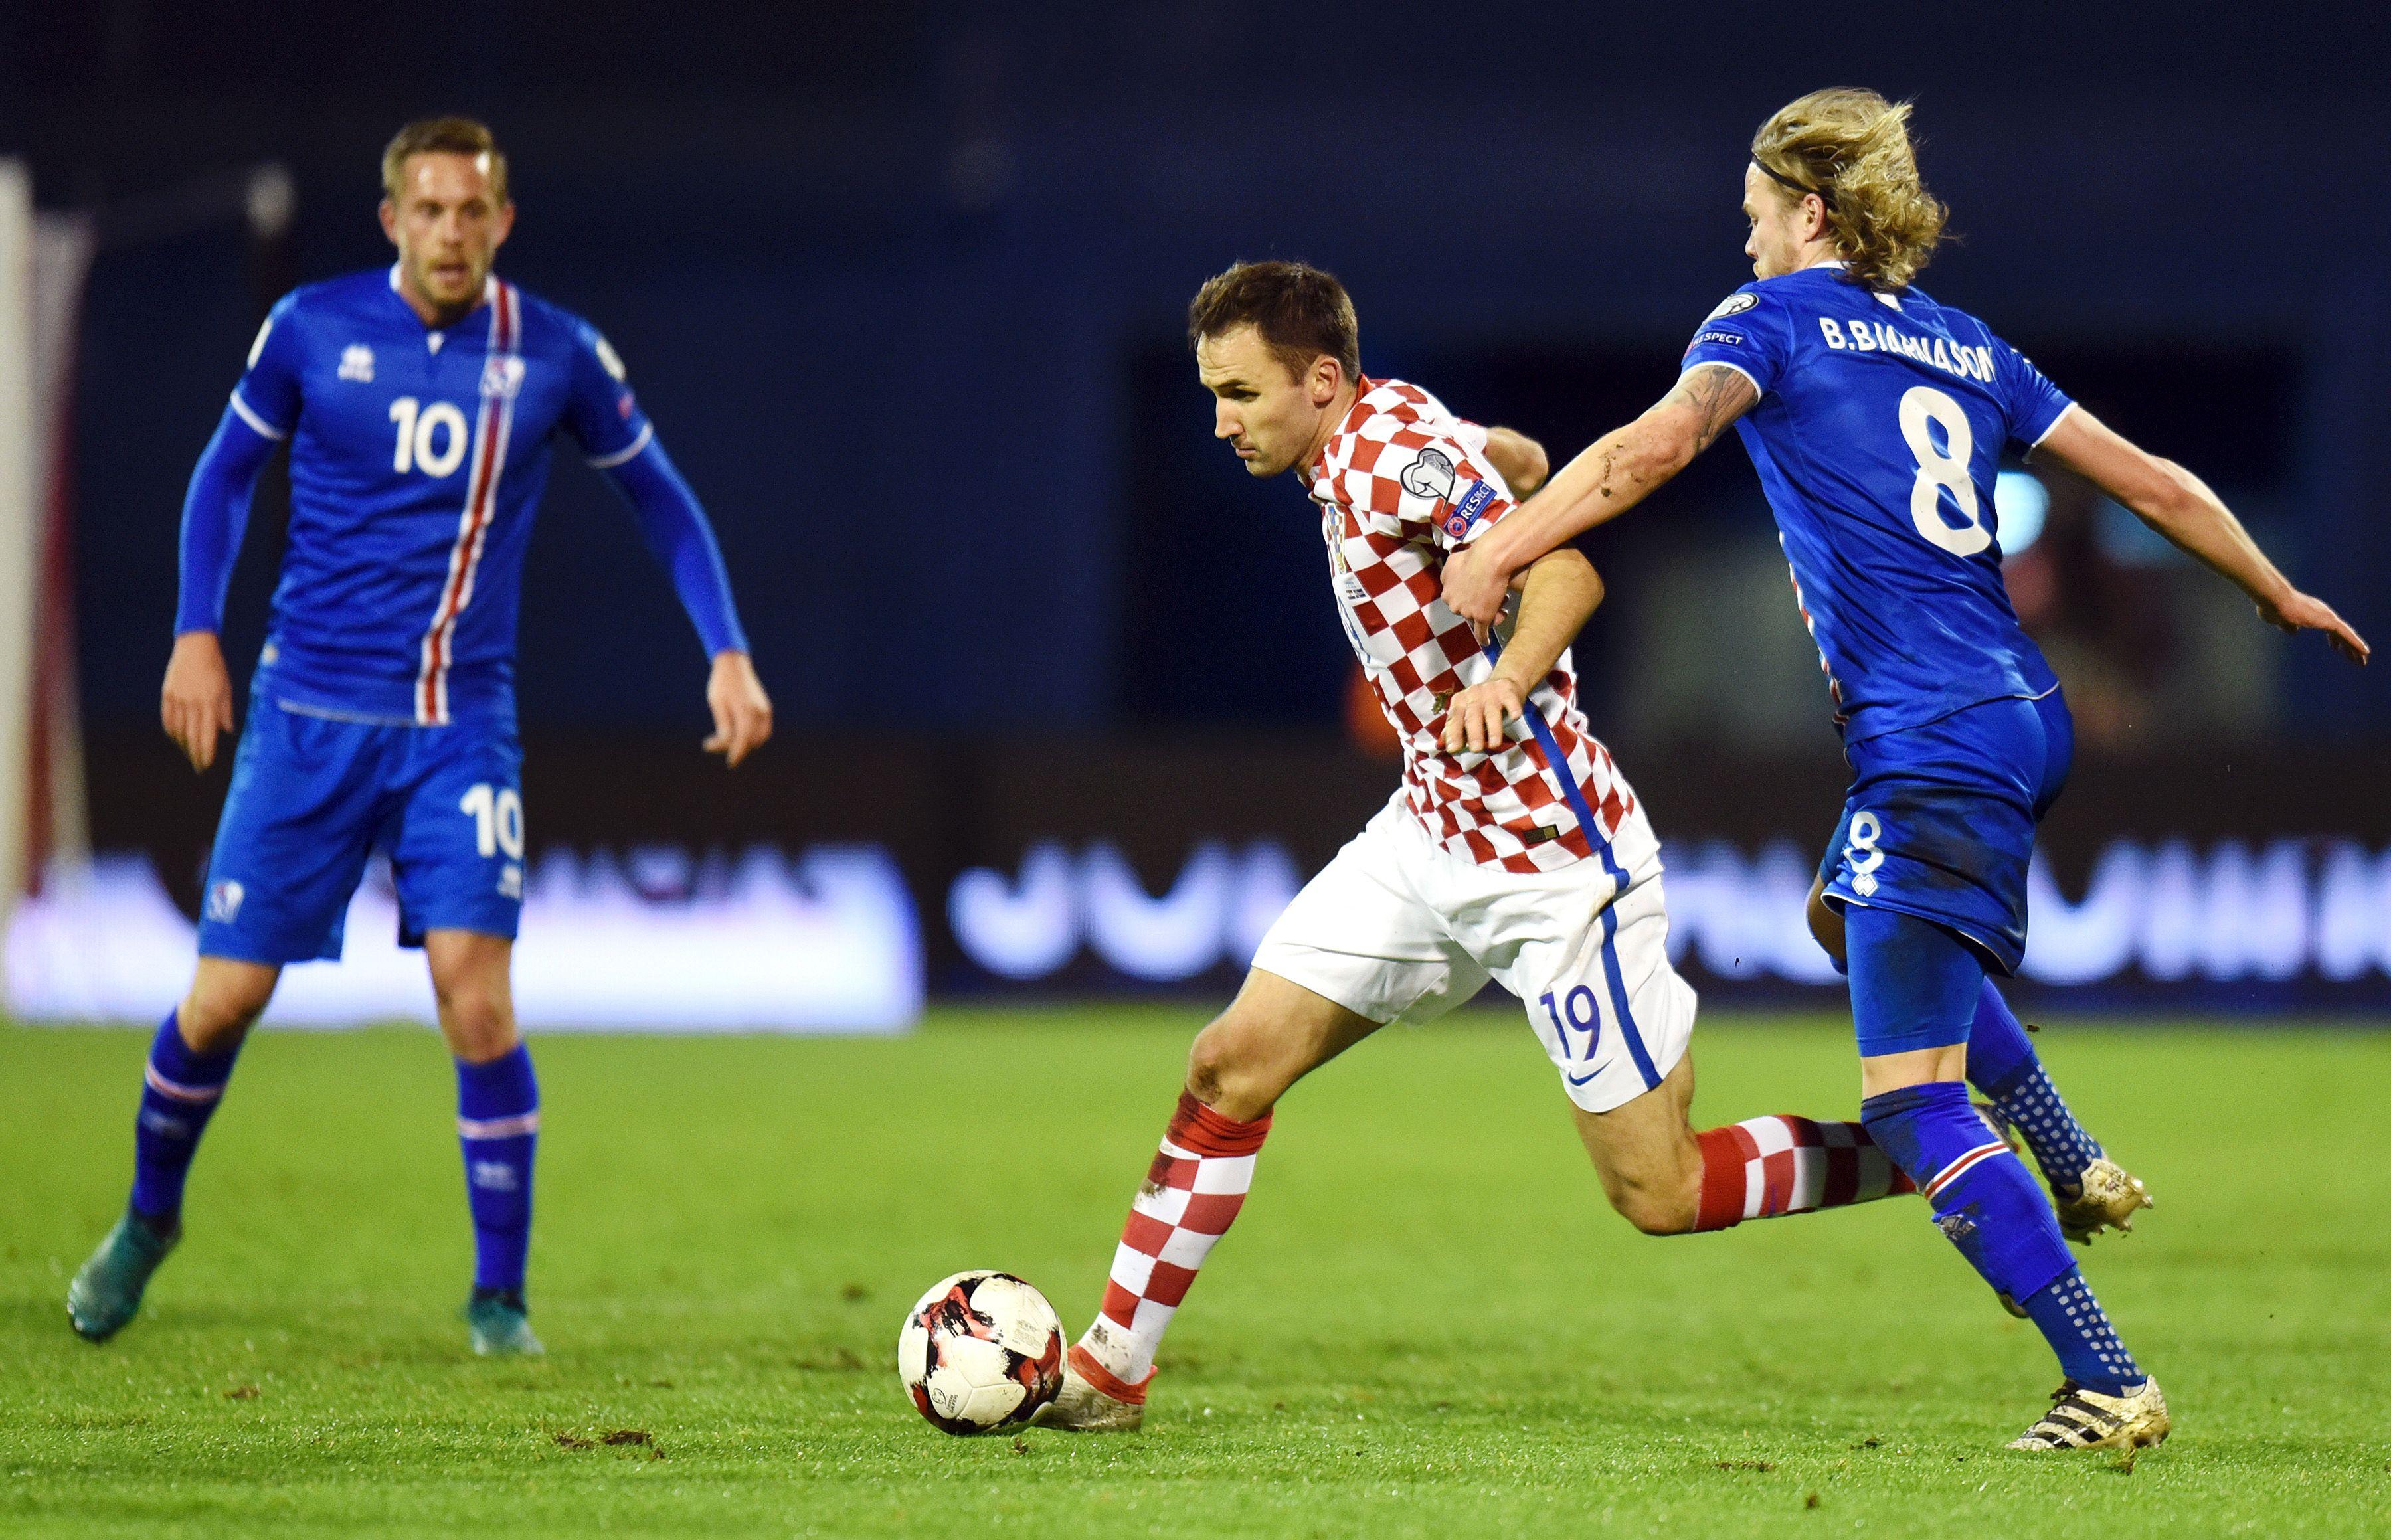 تصفيات المونديال: كرواتيا تطيح بايسلندا وتفض معها شراكة الصدارة وفوز أول لتركيا